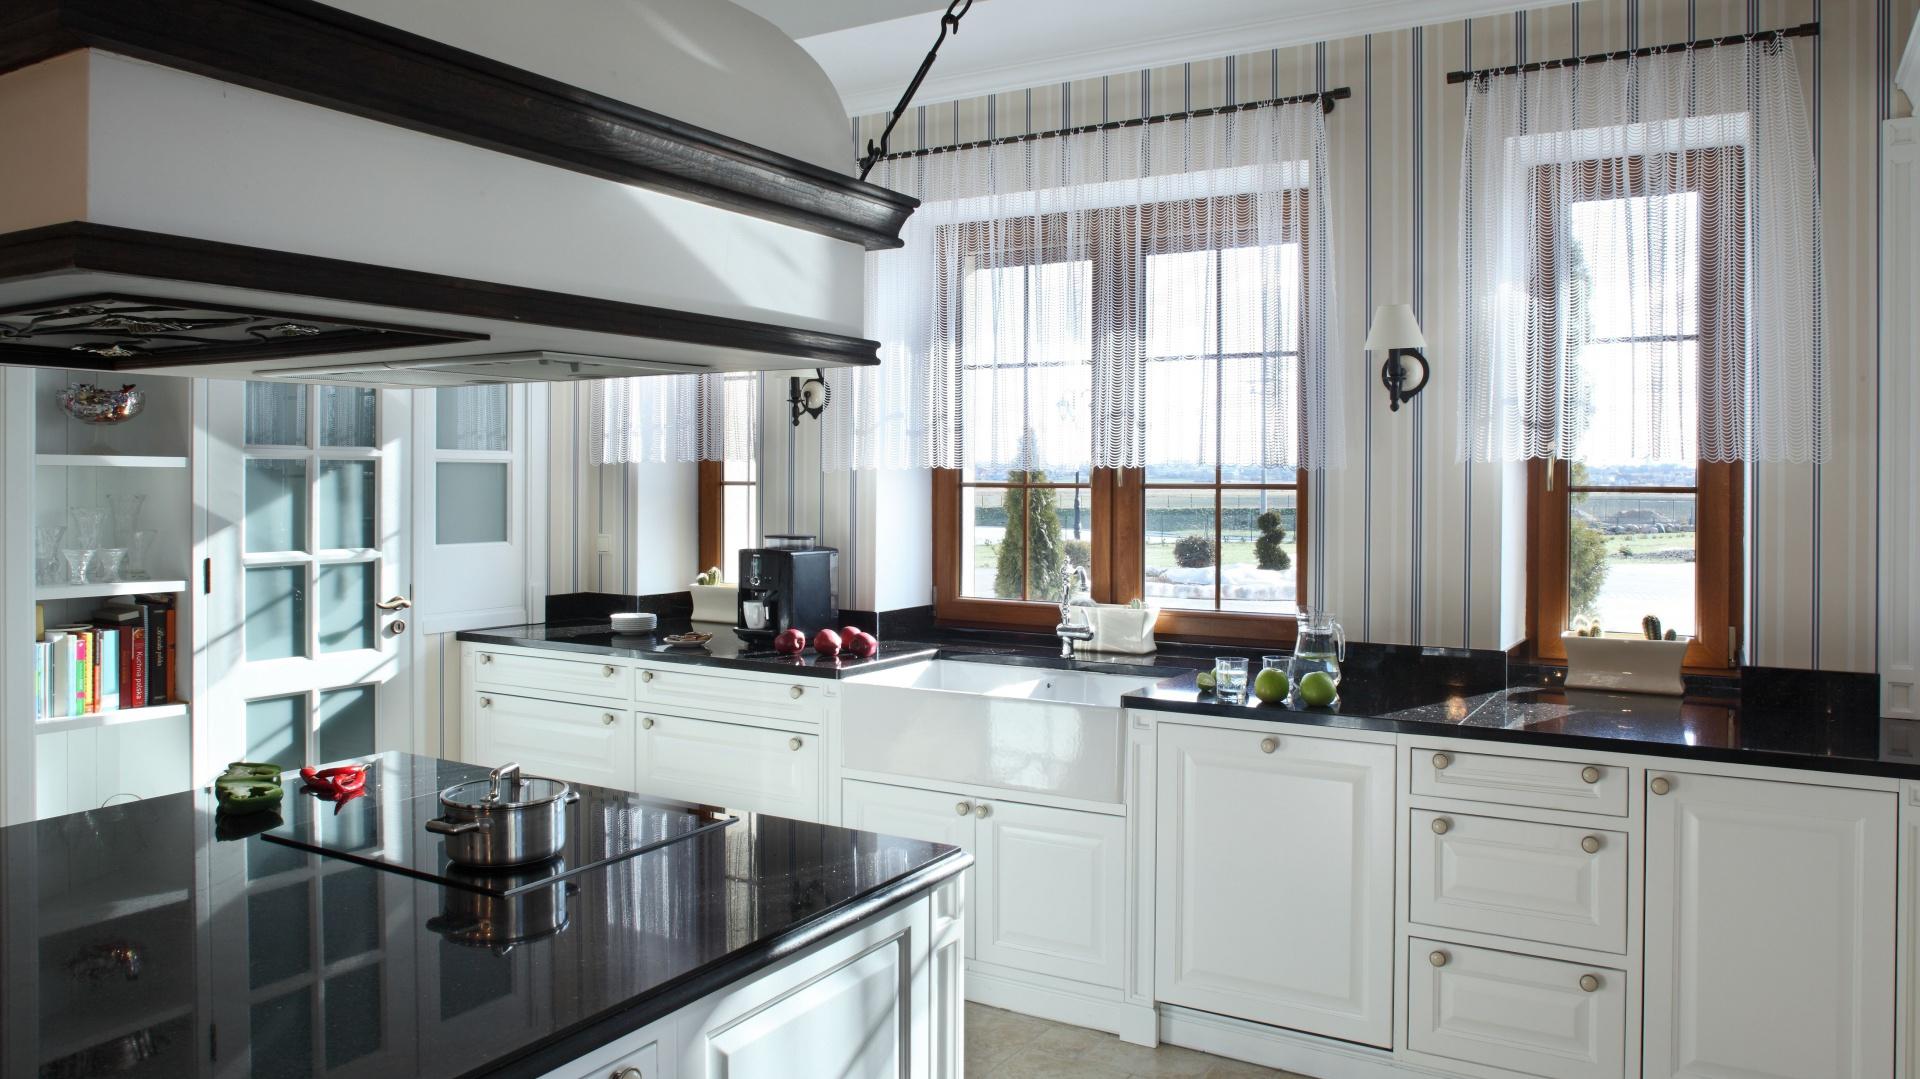 Frezowane fronty białych Kuchnie klasyczne   -> Kuchnie Klasyczne Ekskluzywne